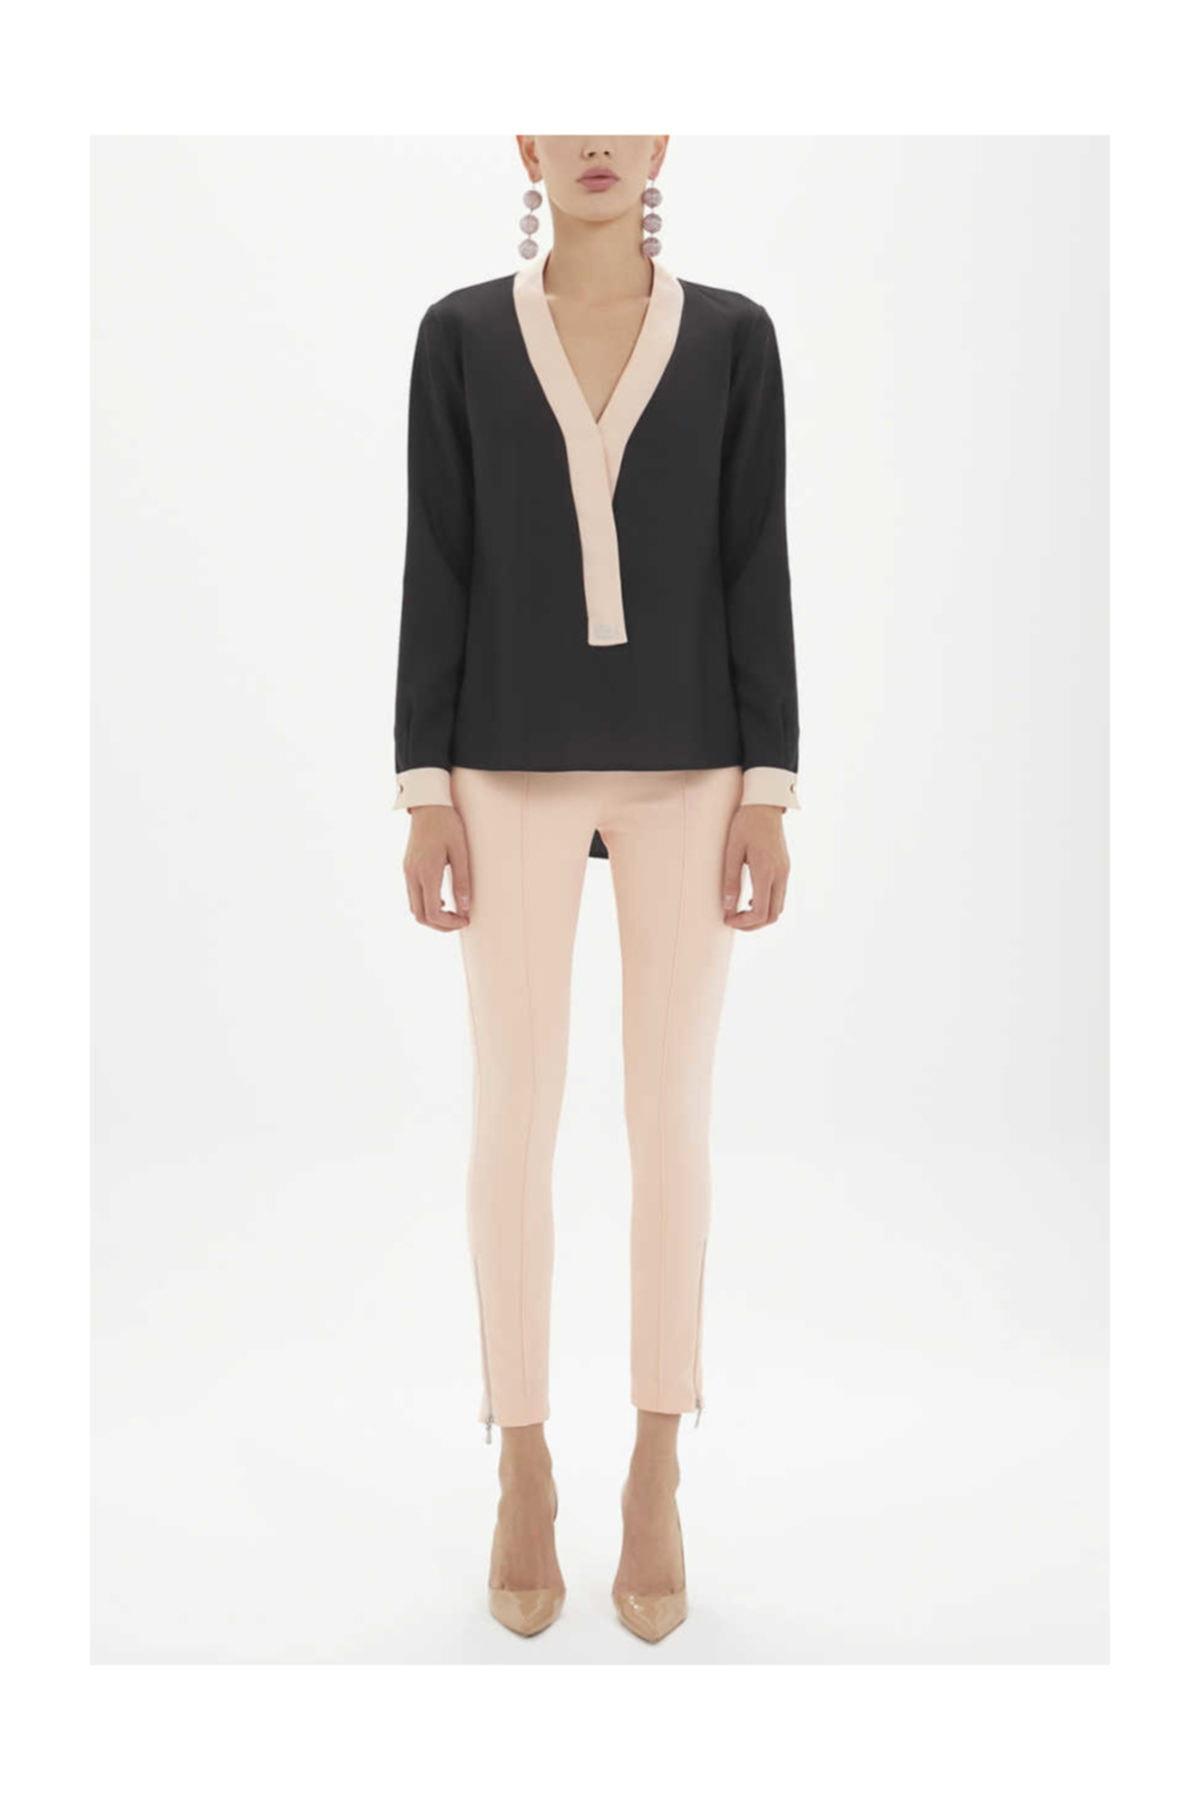 SOCIETA Kadın Kontrast Renkli Bol Kesim Bluz Siyah 19255 M03141019255101 1